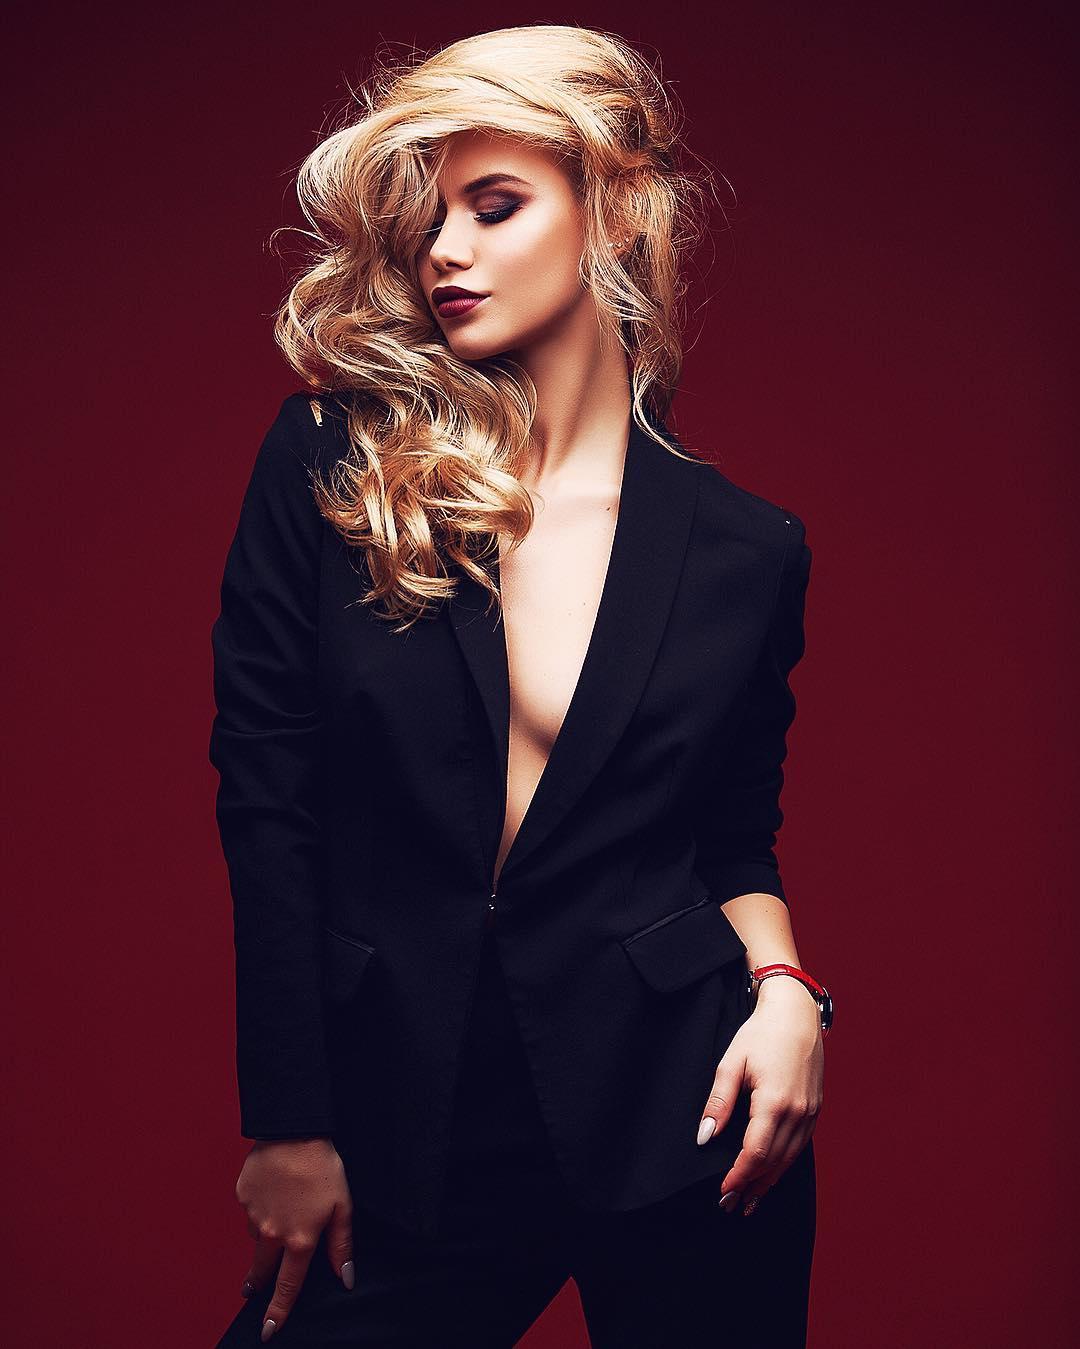 В таком образе девушка точно вызывает у мужчин восторг и желание